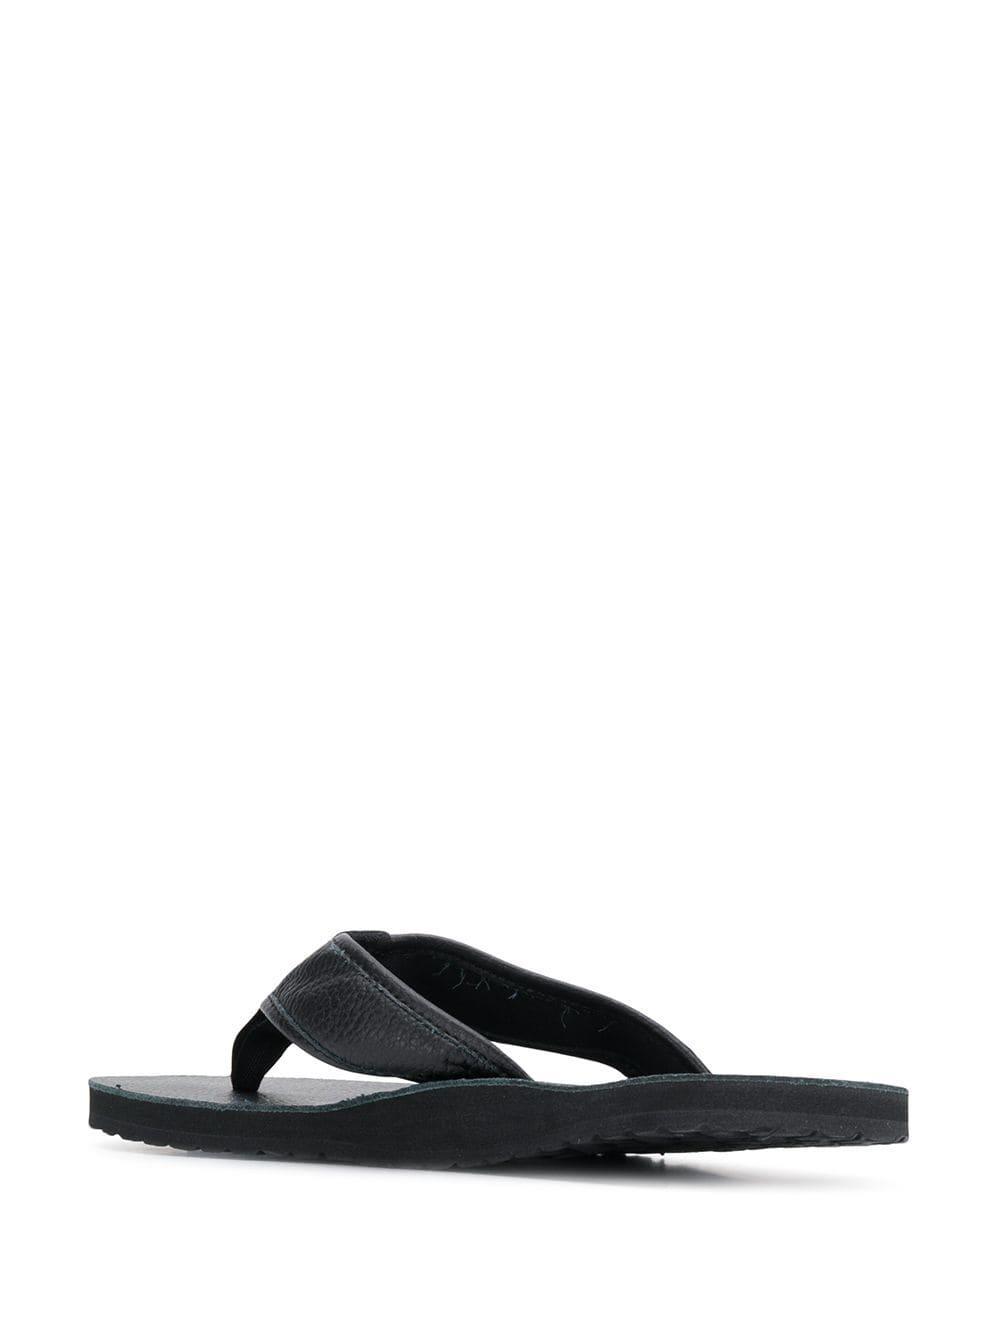 56289dfd7071 Polo Ralph Lauren - Black Embossed Logo Flip-flops for Men - Lyst. View  fullscreen